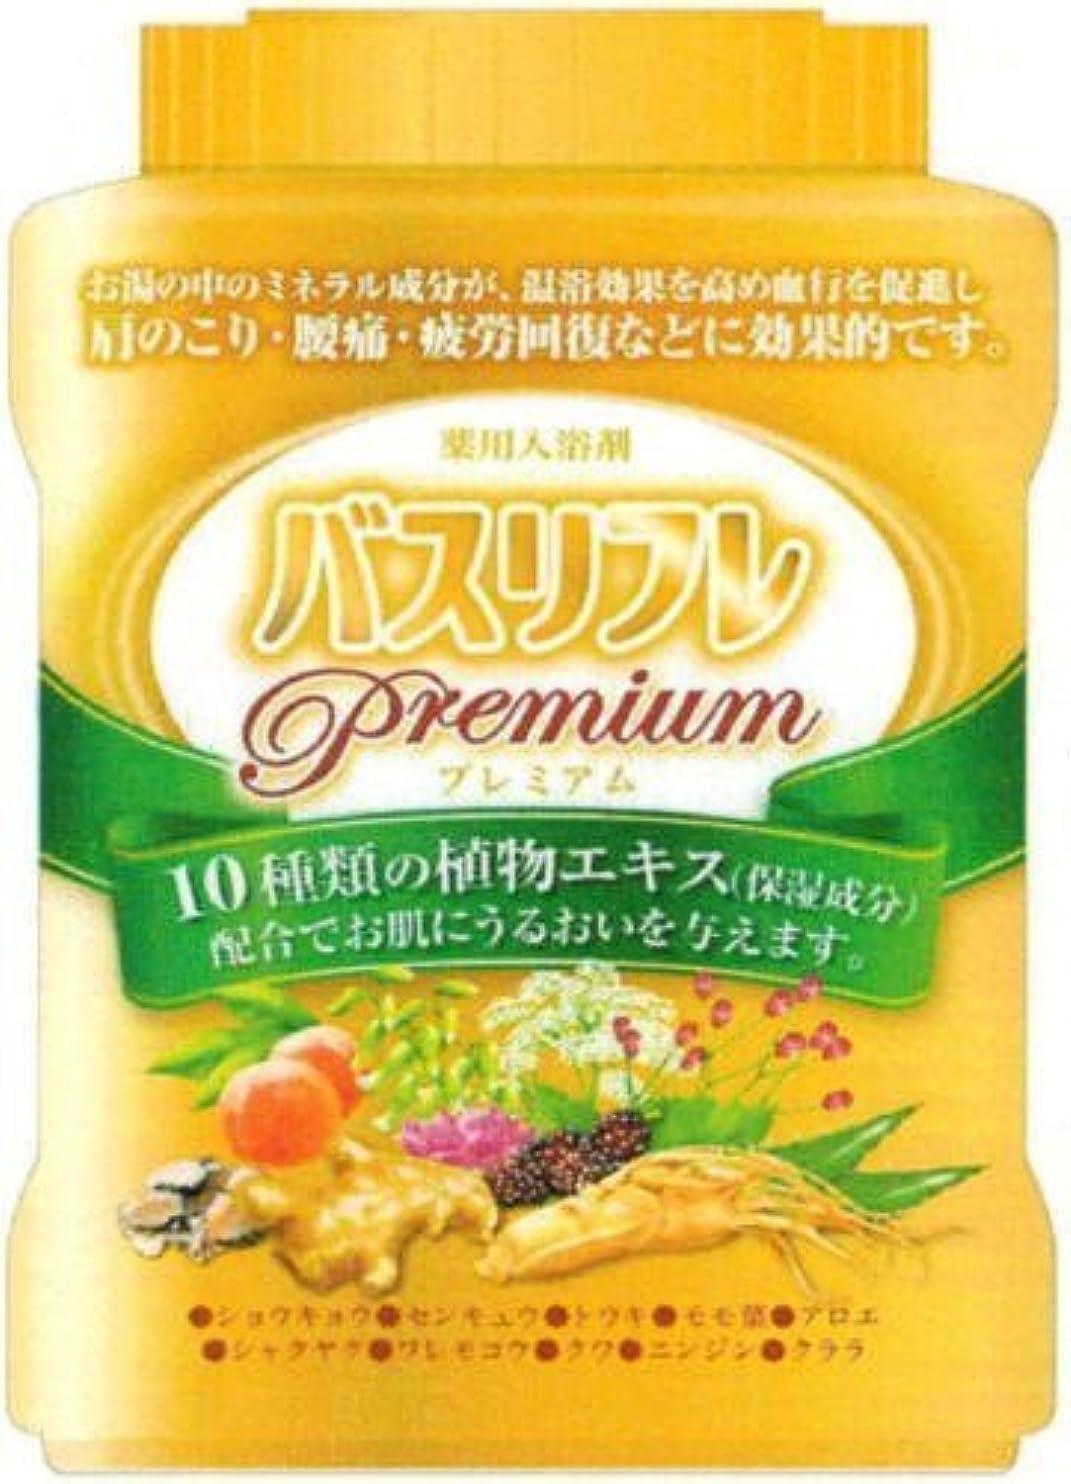 啓示伝える残基ライオンケミカル バスリフレ 薬用入浴剤プレミアム 680g Japan